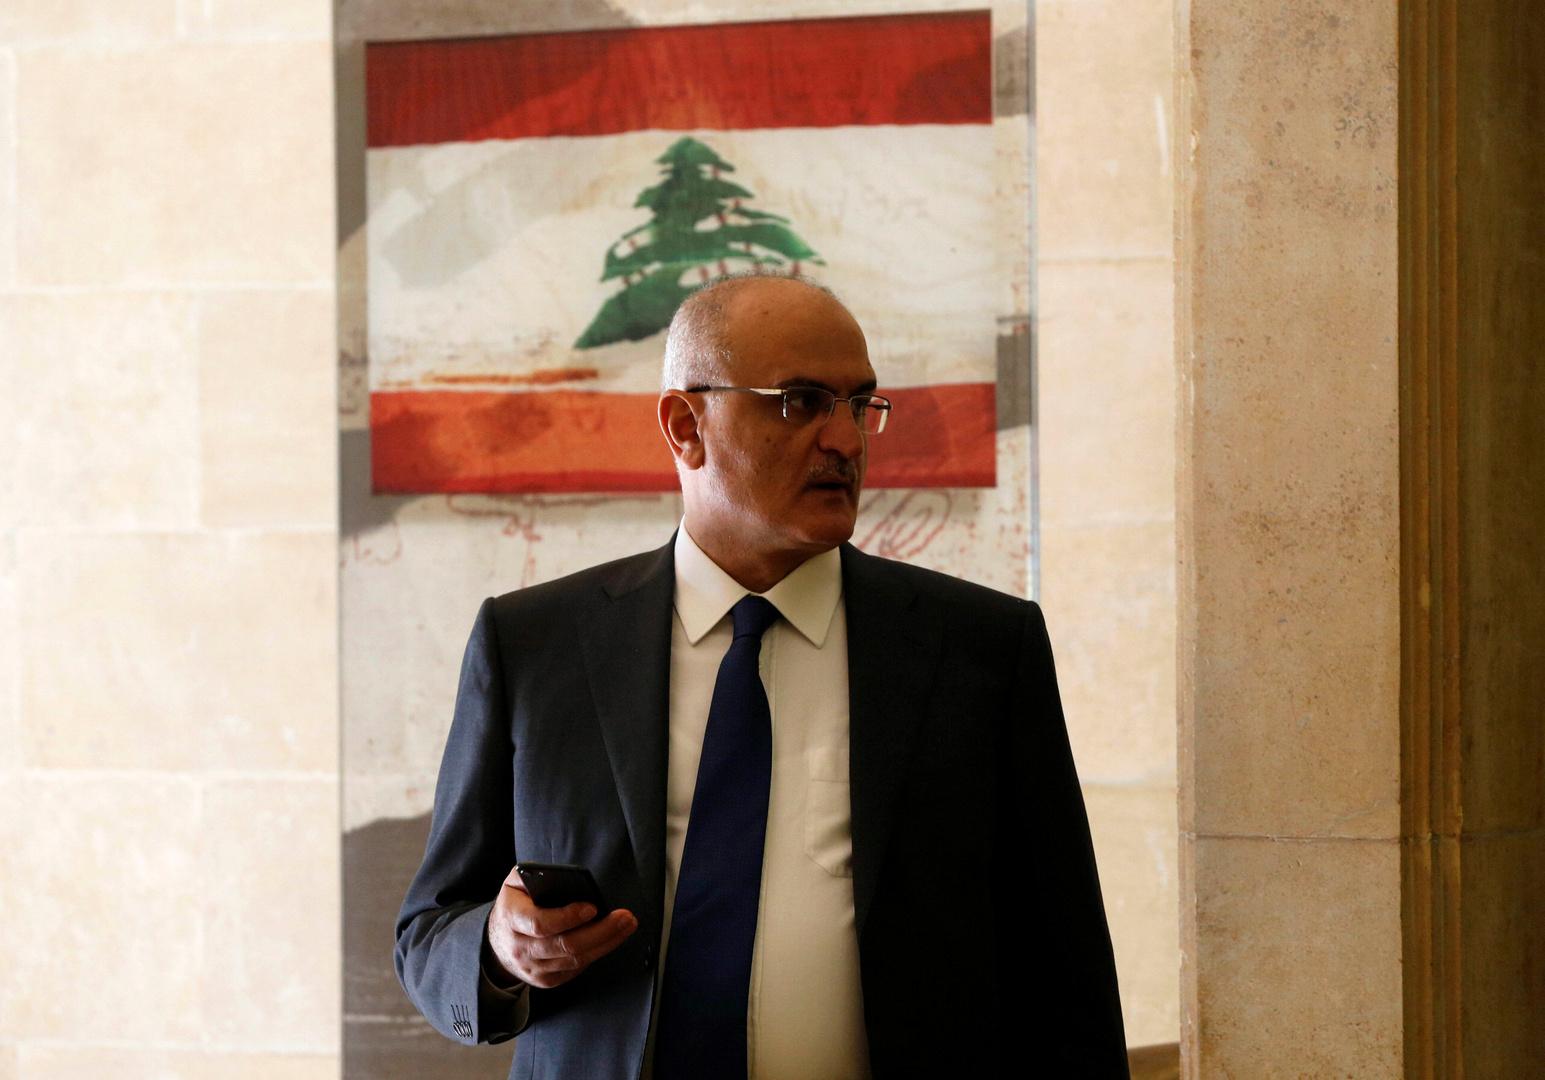 وزير المال اللبناني: نحن على عتبة تأليف حكومة من 18 وزيرا اختصاصيا